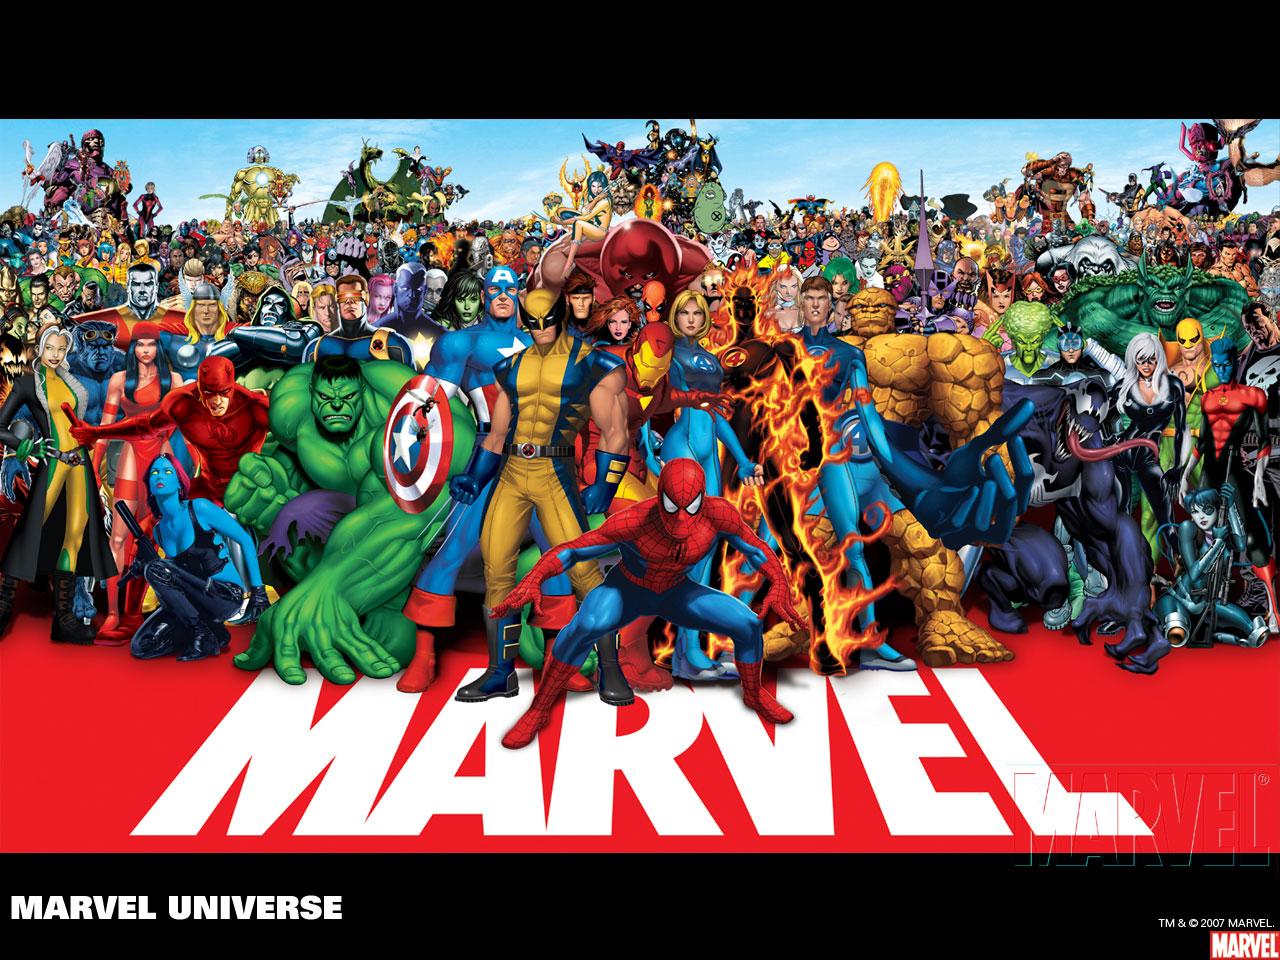 Marvel-Universe-Team1.jpg